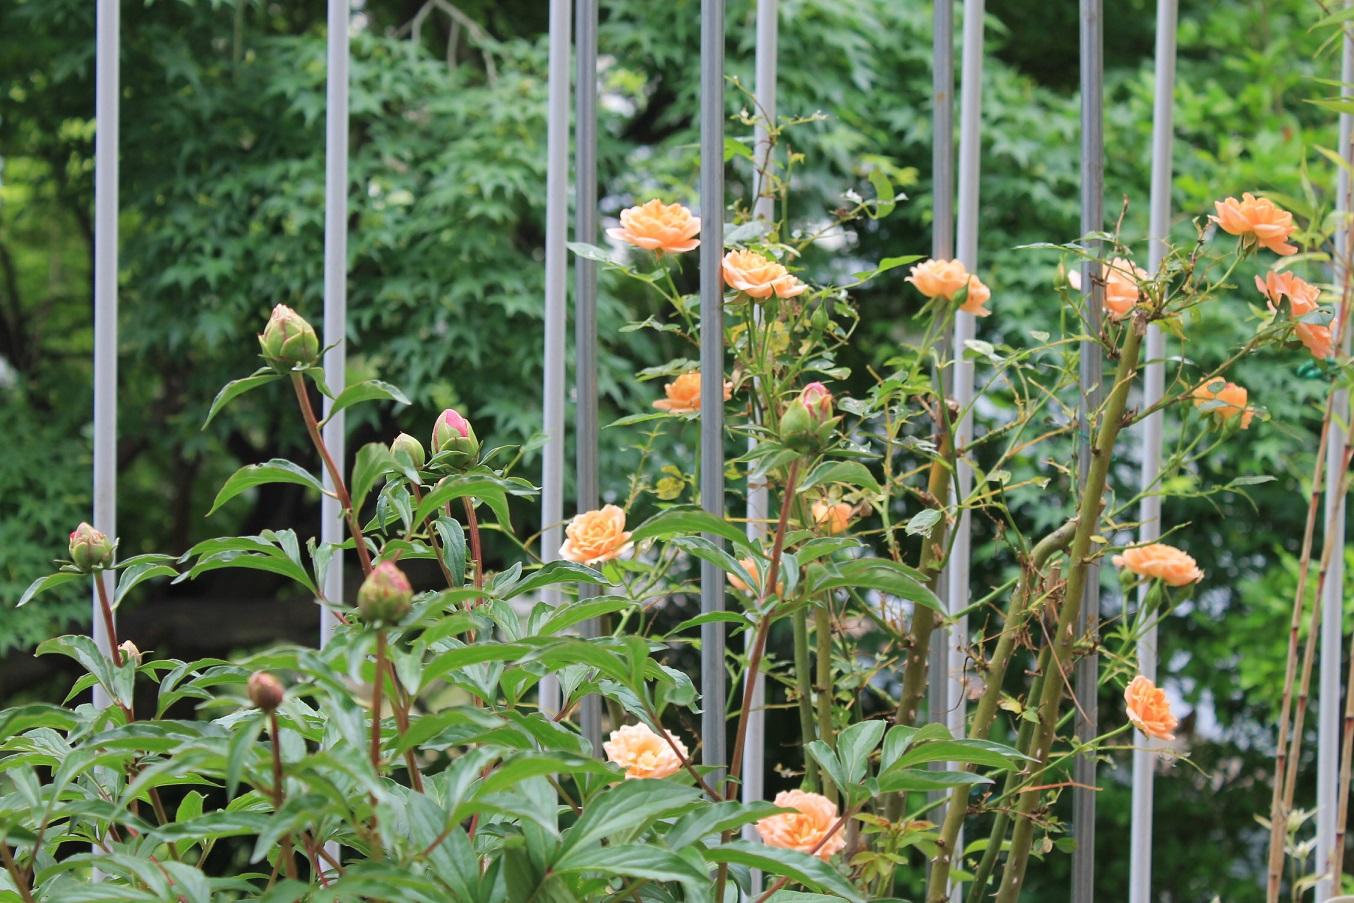 蘭香茶館の黄金牡丹花も満開しました。_f0070743_14144616.jpg